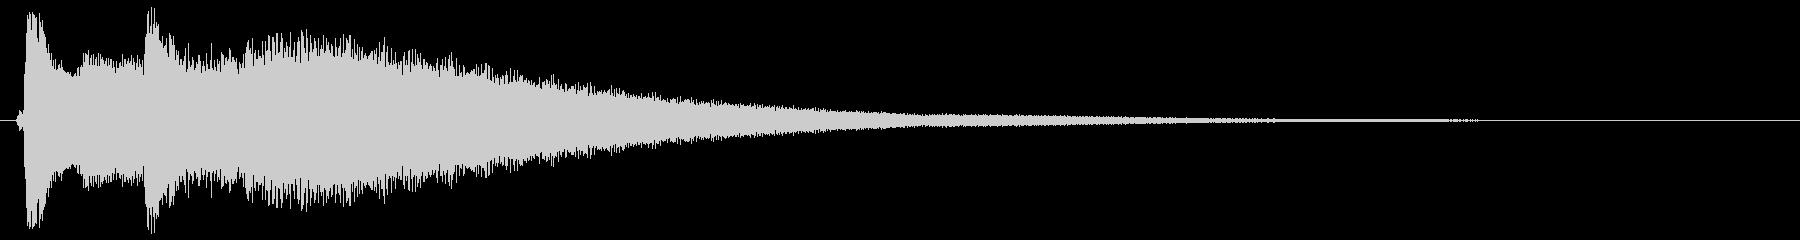 チリーン(高い金属音、トライアングル)の未再生の波形